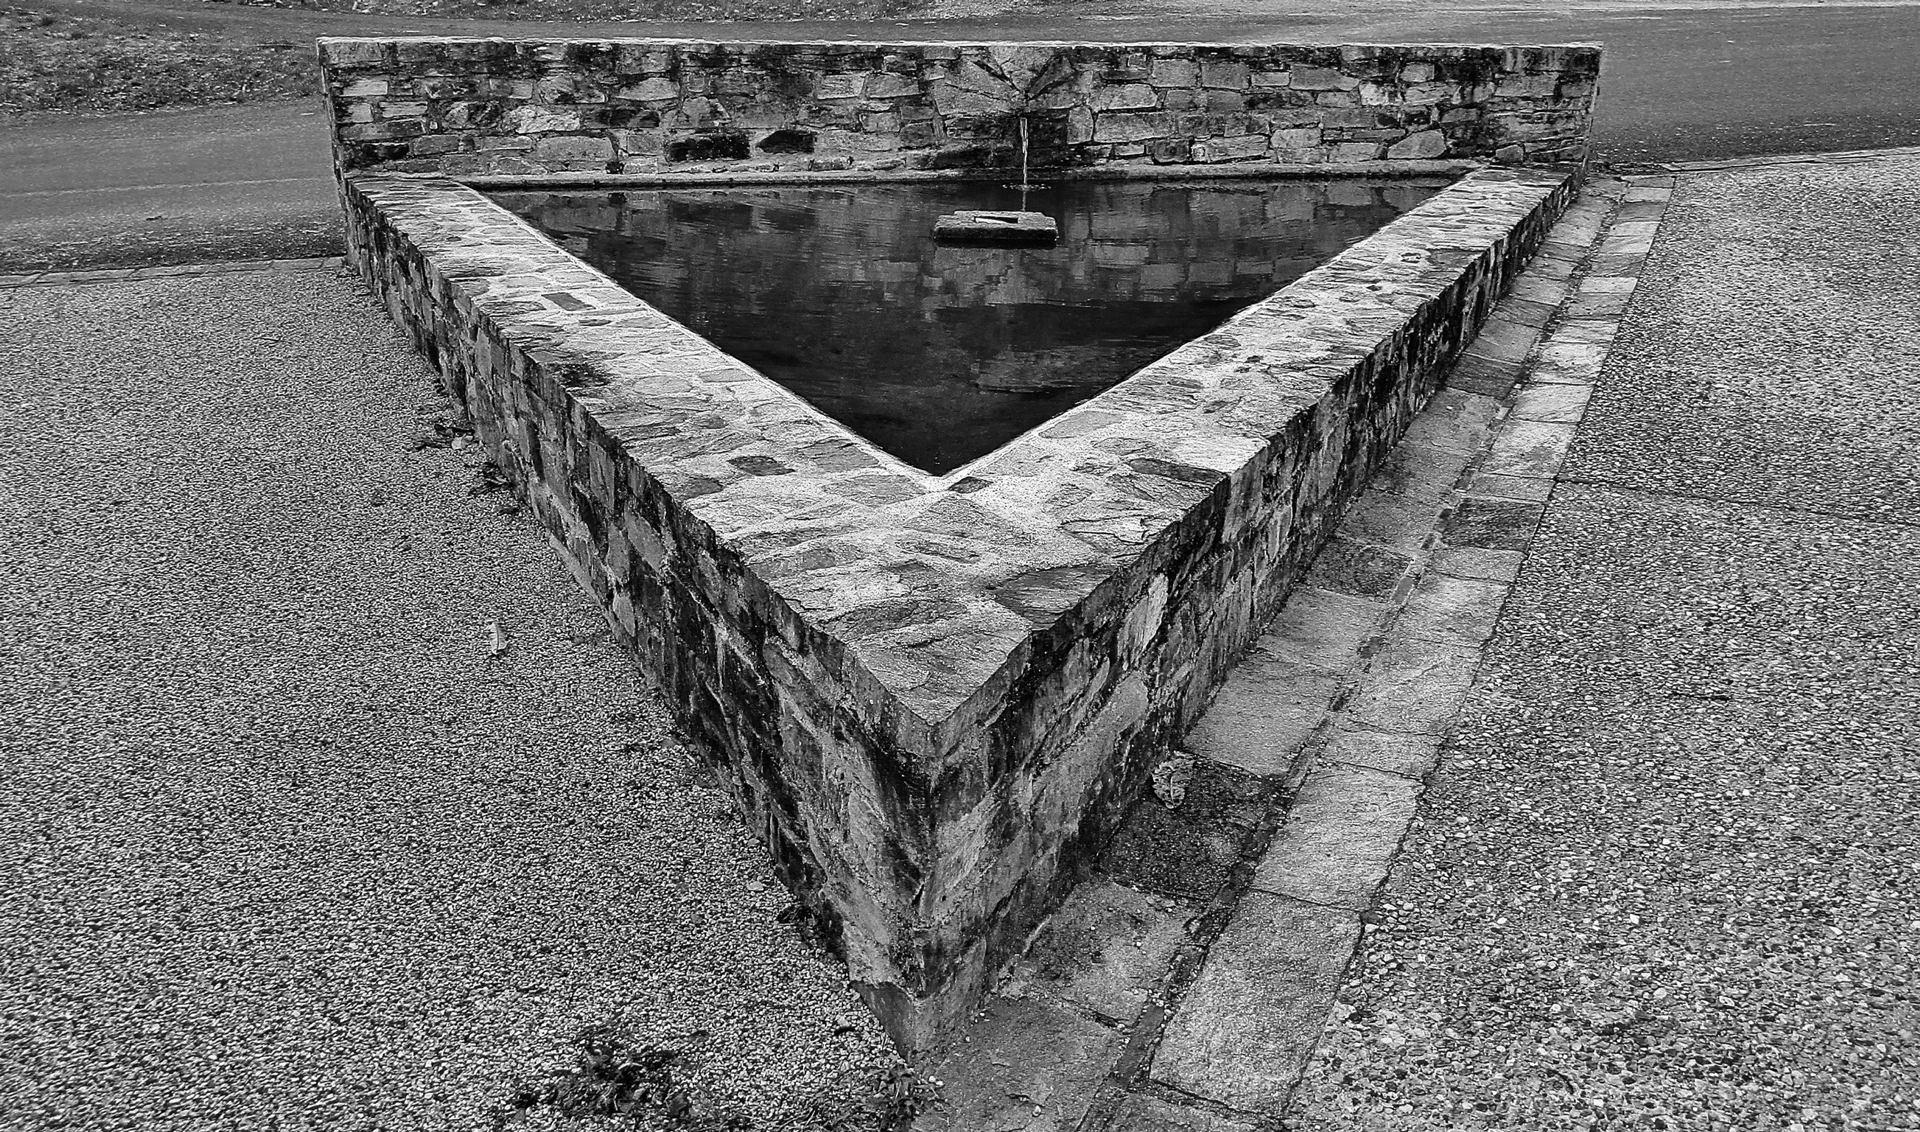 La fable de la Fontaine.